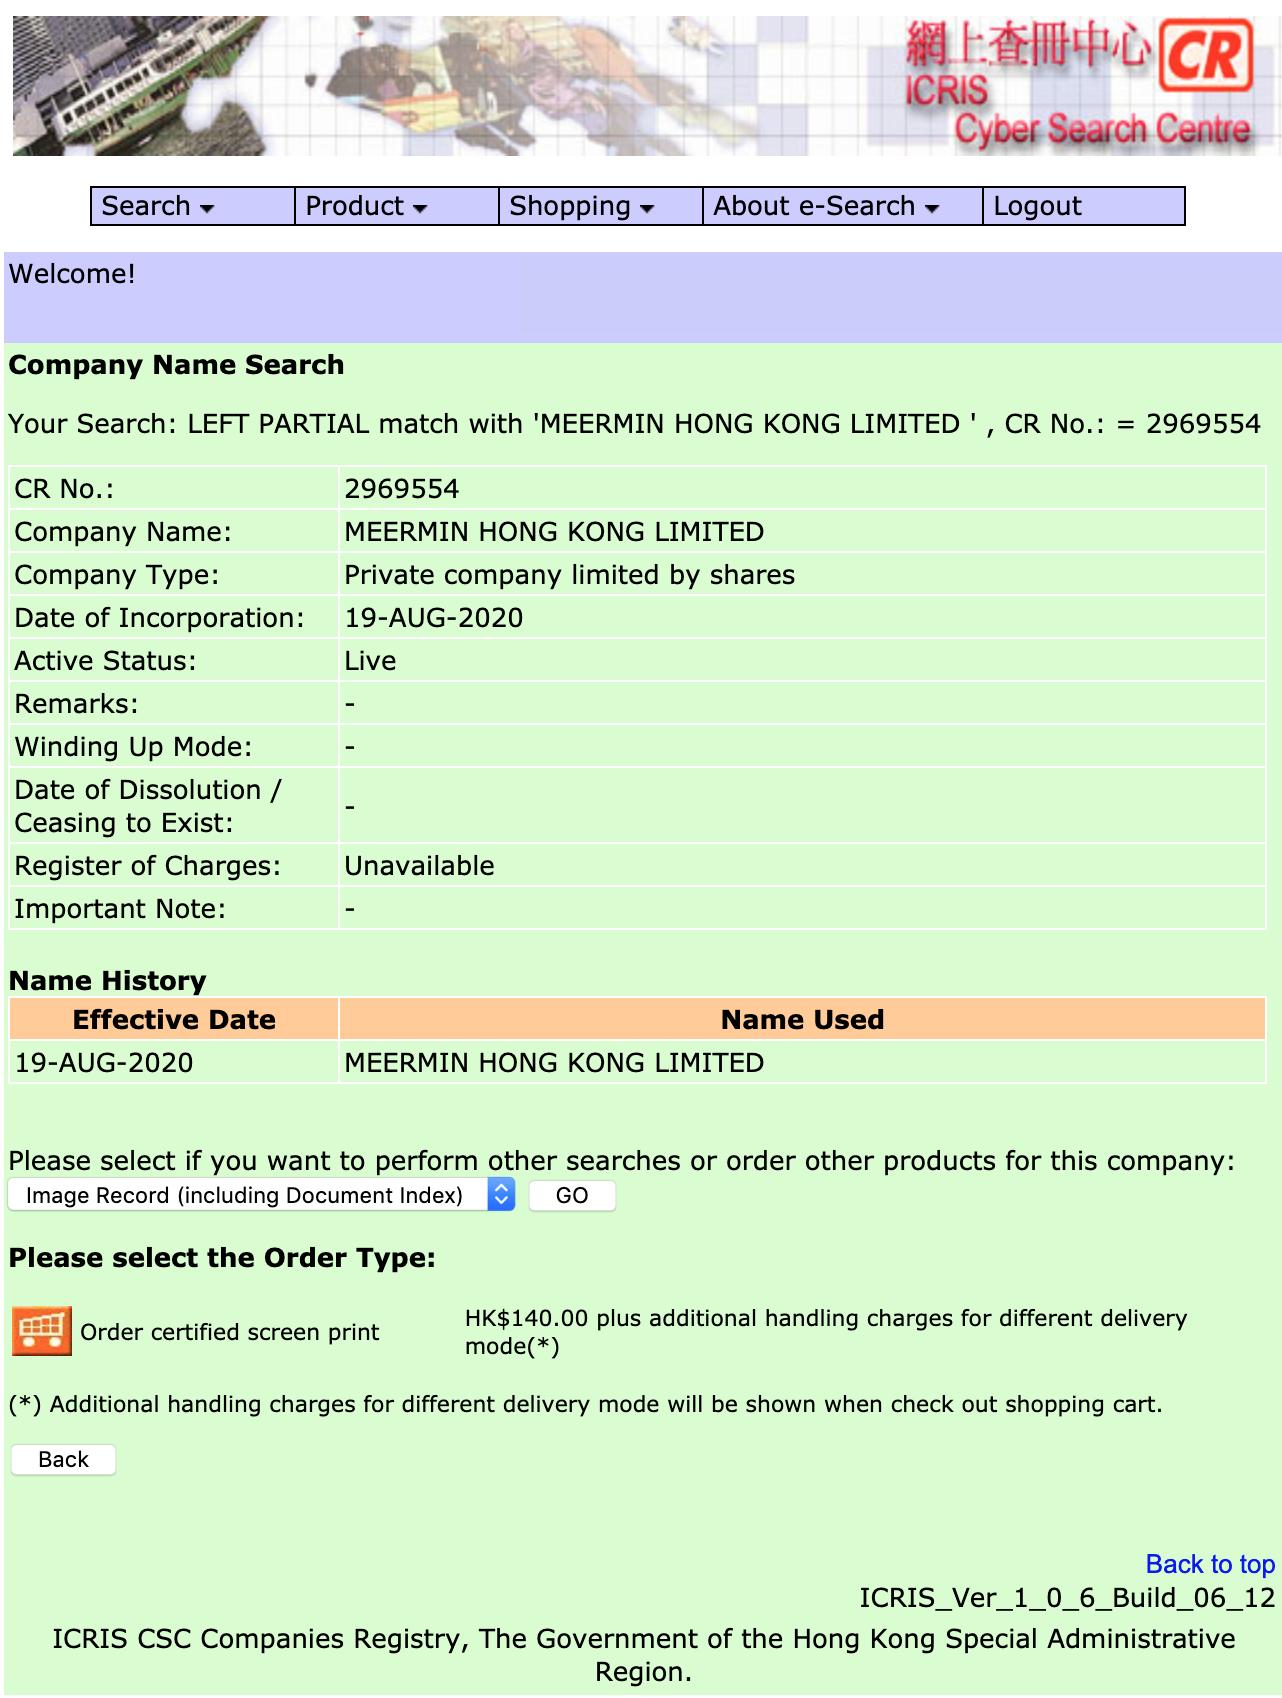 La nouvelle entité commerciale de Meermin enregistrée à HK en pleine crise du virus Chinois. Comme quoi le business n'est pas mauvais pour tous. (Source: Companies Registry HK)